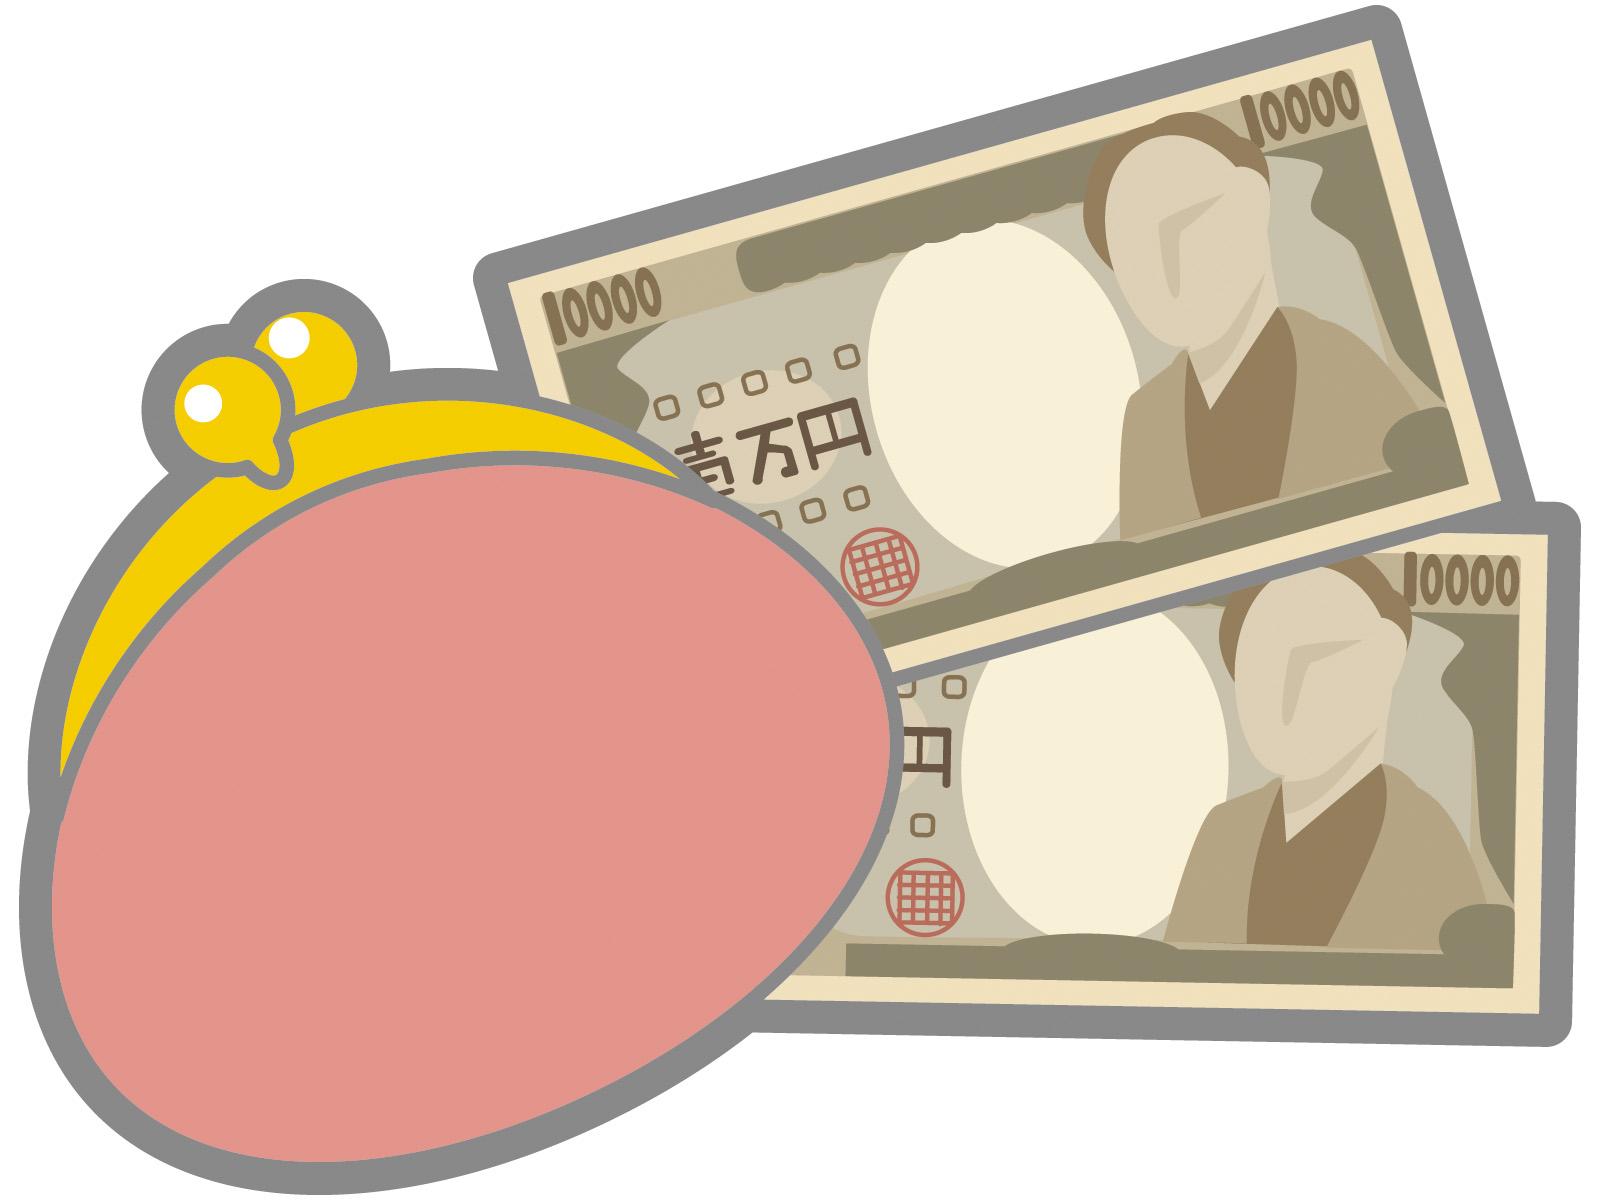 お金に執着する認知症の人への対応策について